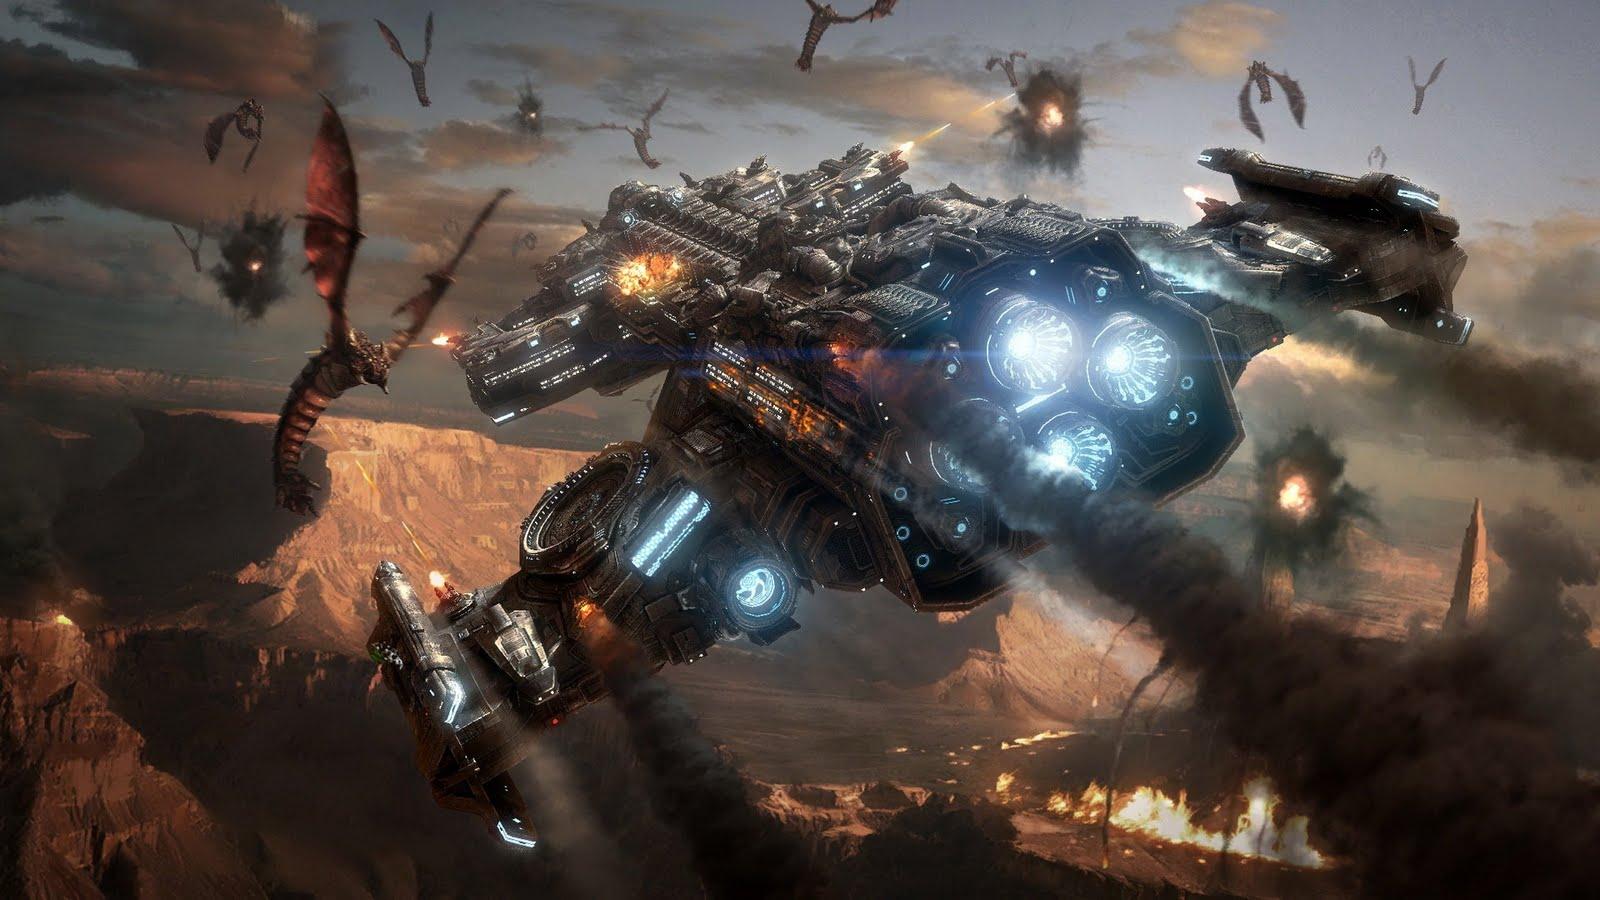 http://1.bp.blogspot.com/-EcZlHbJdfkc/TcIeoaQV7GI/AAAAAAAAAsw/XQyATsByMlM/s1600/Terran+battlecruiser+vs+baneling+Starcraft+Wallpaper.jpg